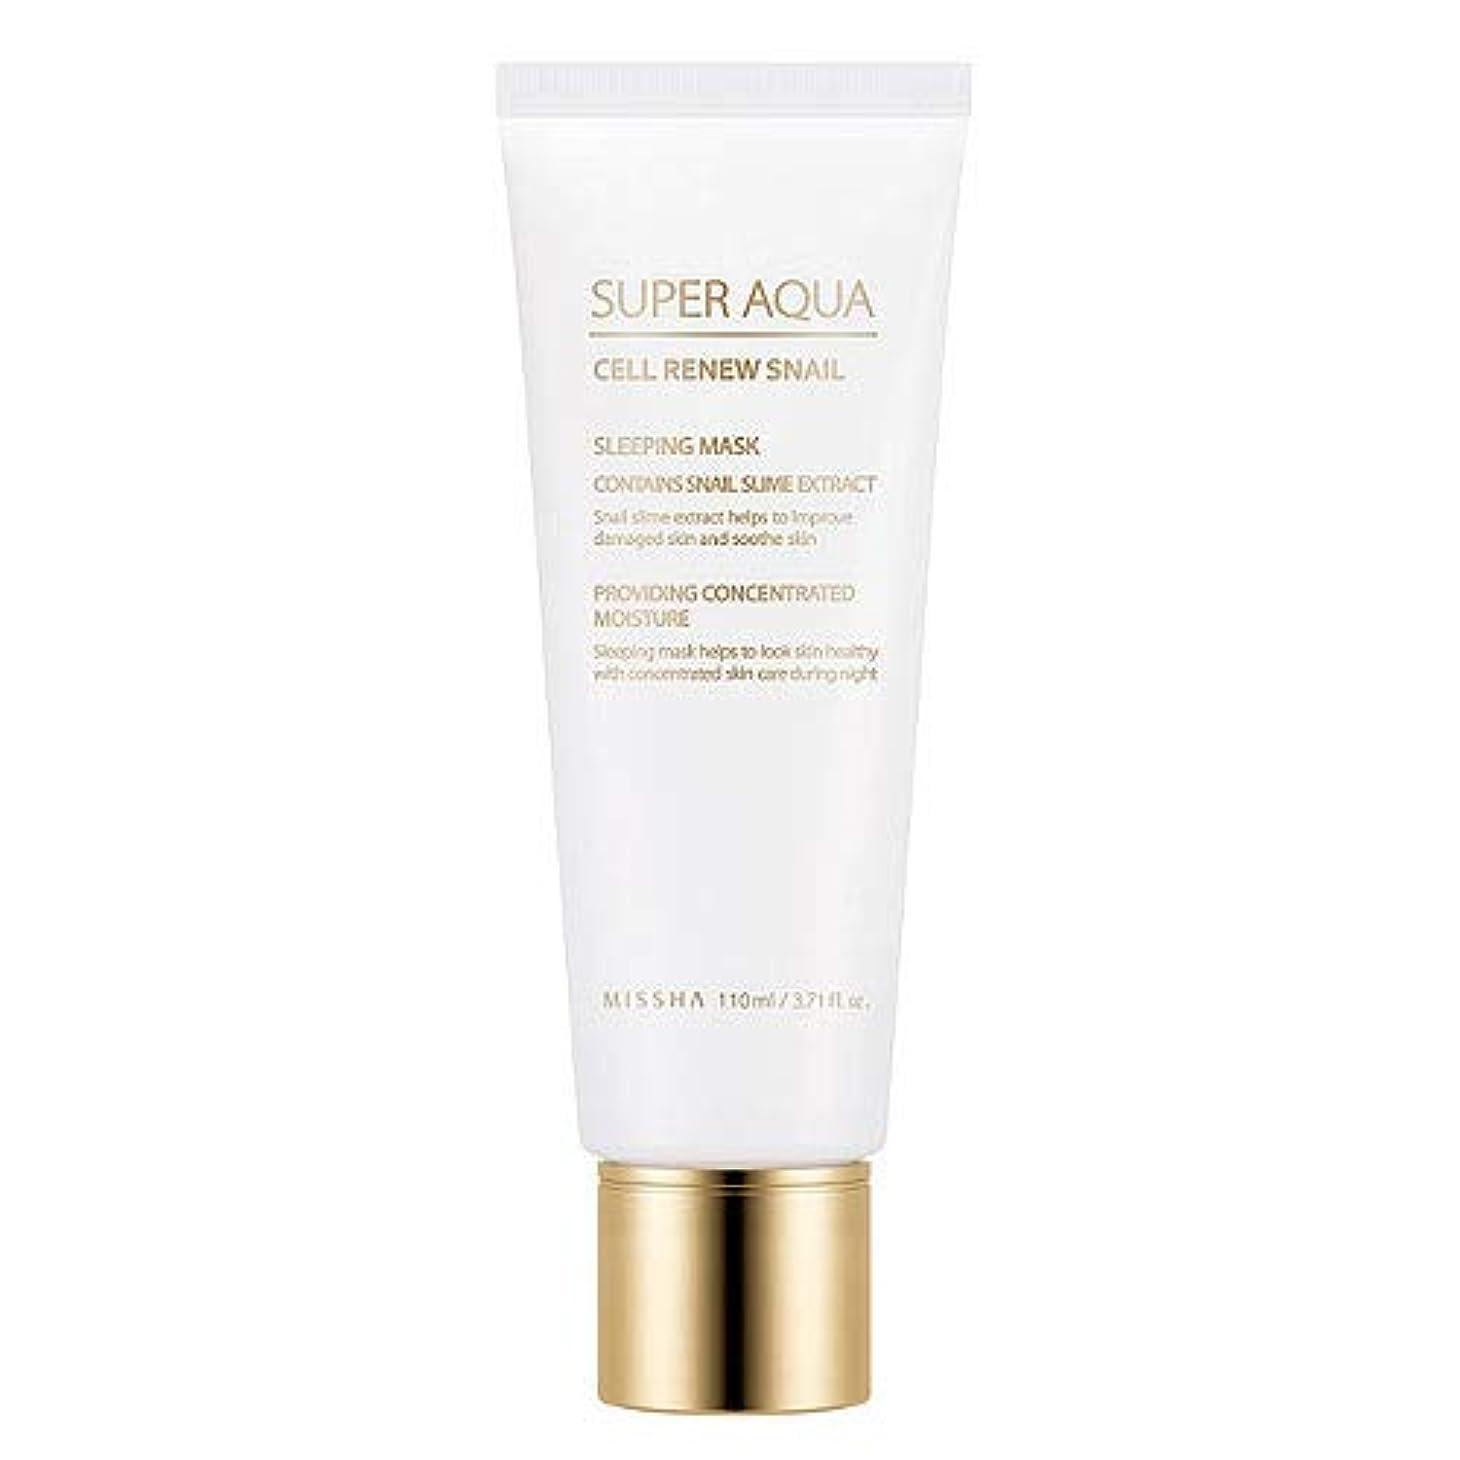 辛な理容師動的[RENEWAL] Missha Super Aqua Cell Renew Snail Sleeping Mask 110ml /ミシャ スーパーアクアセルリニュースネイルスリーピングマスク (カタツムリ) [並行輸入品]